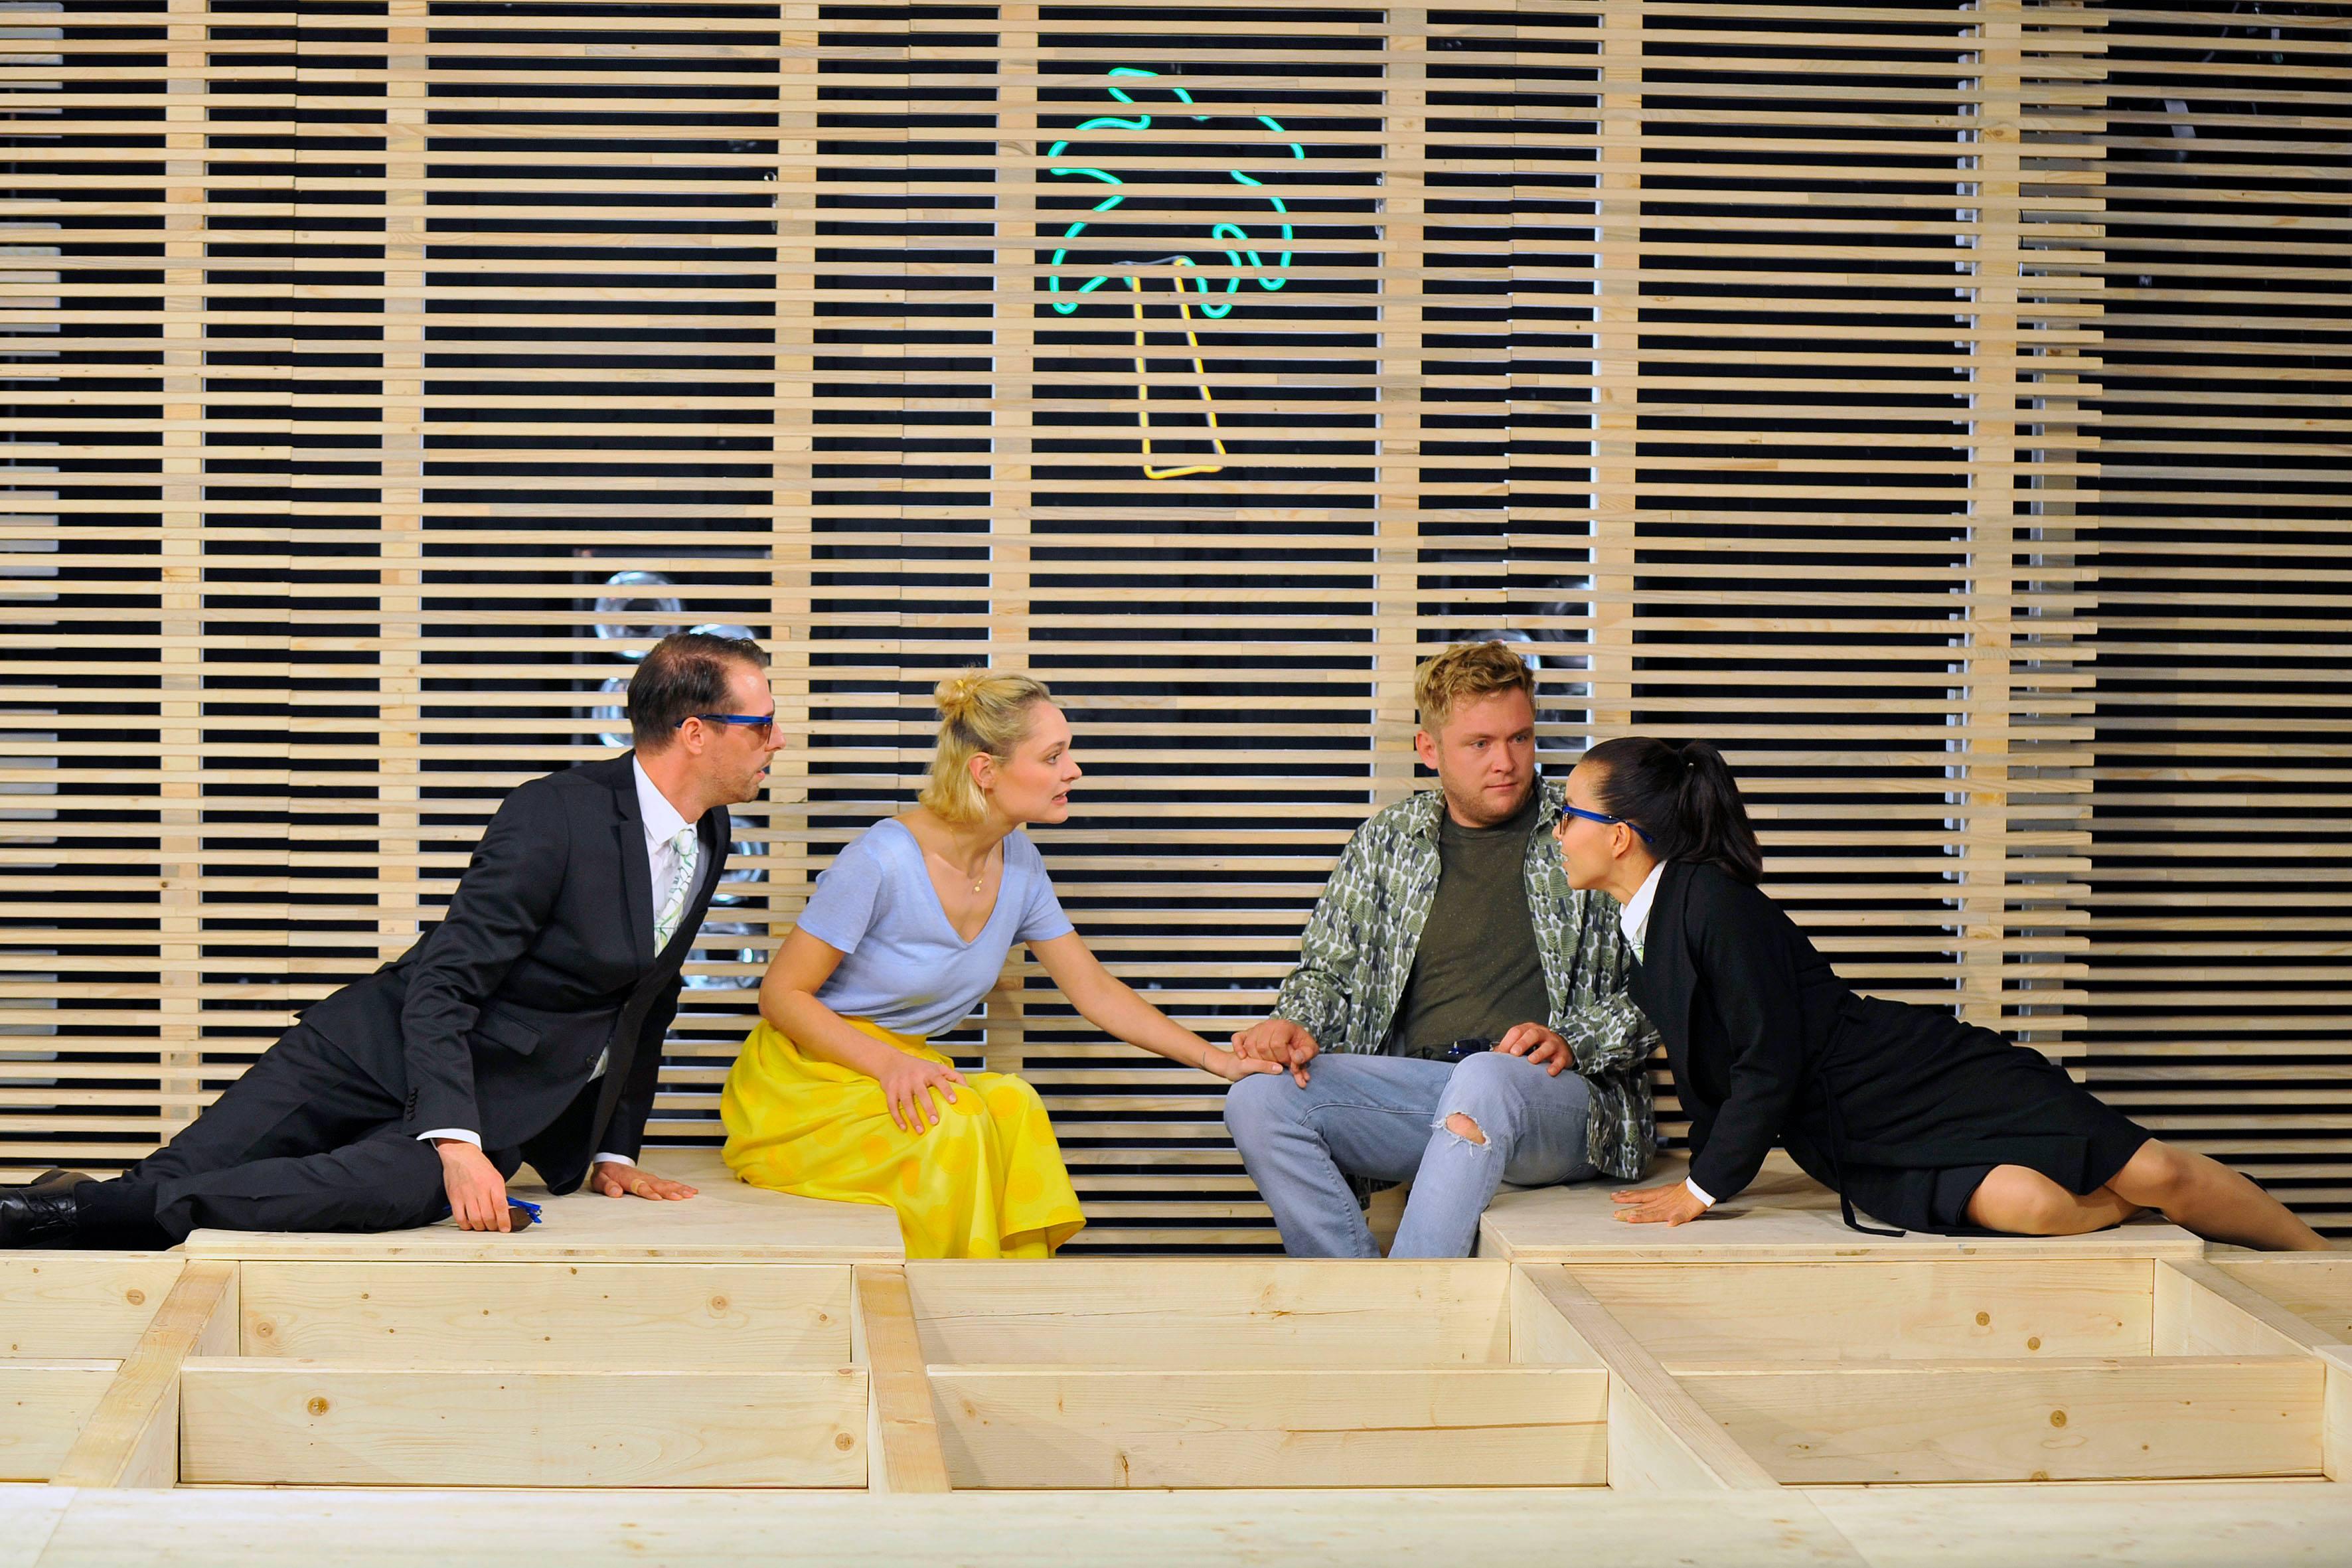 Uraufführung und Premiere: UNSERE BLAUEN AUGEN am Mainfranken Theater Würzburg